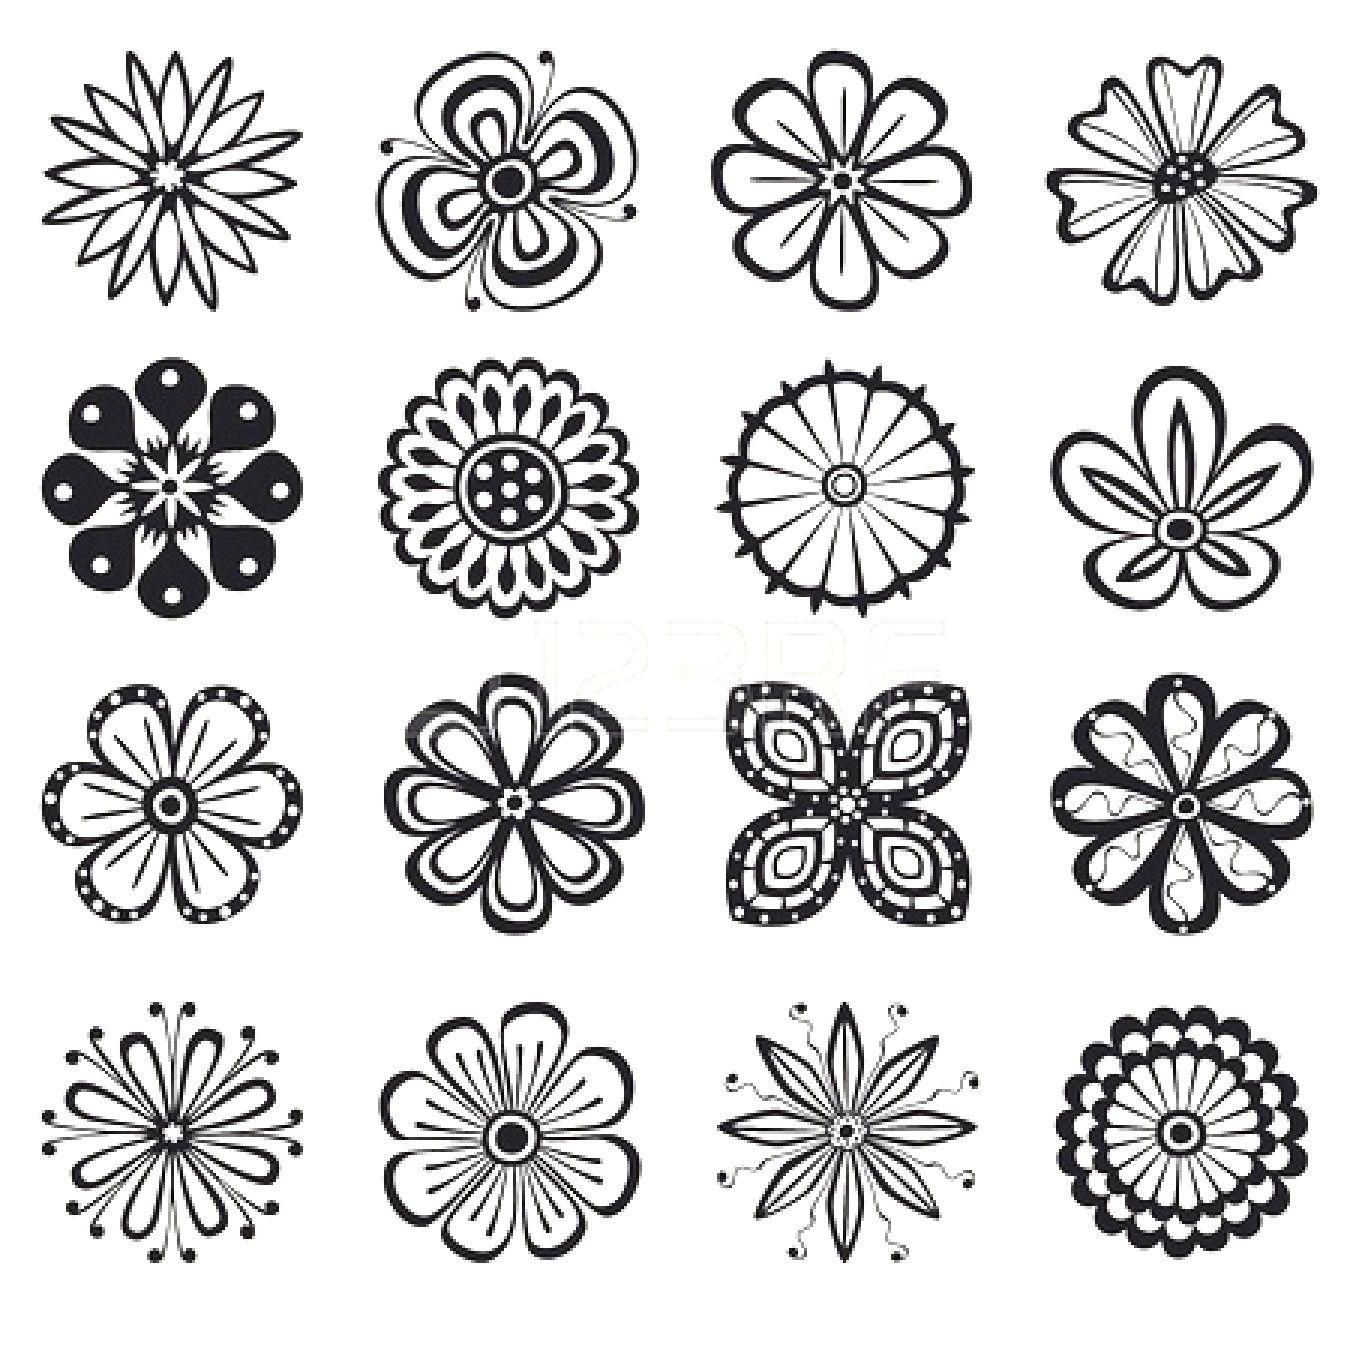 Schone Bilder Zum Selber Zeichnen In 2020 Blumenmuster Design Blumenzeichnung Muster Zeichnung